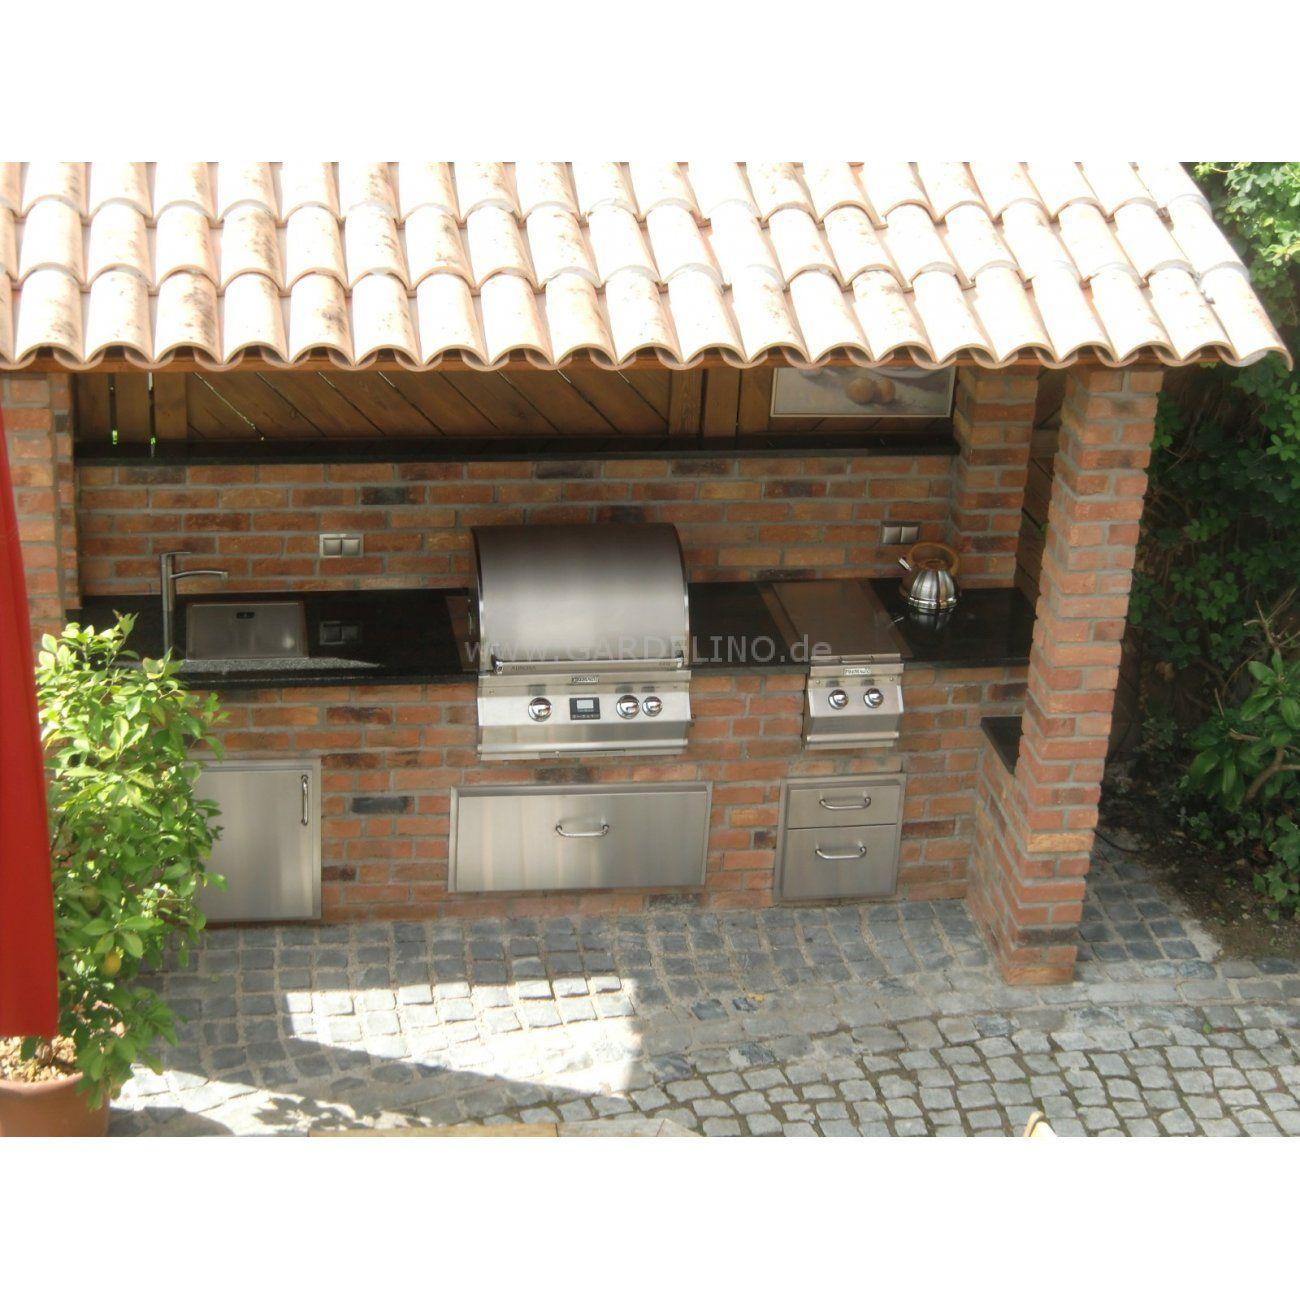 Outdoorküche outdoorküche aus backstein mit magic einbau gasgrill selber